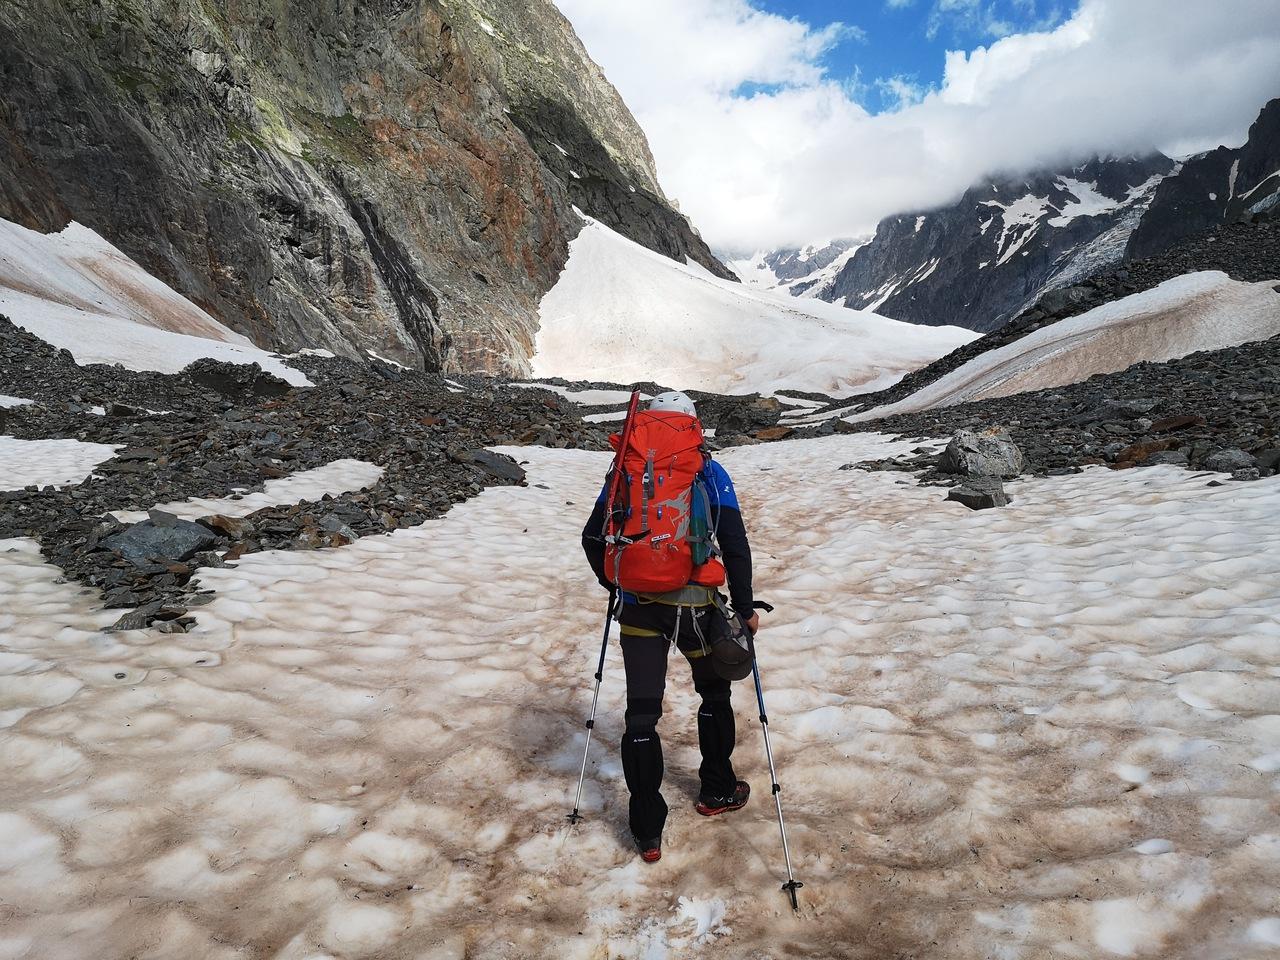 pierwsze kroki na lodowcu Miage